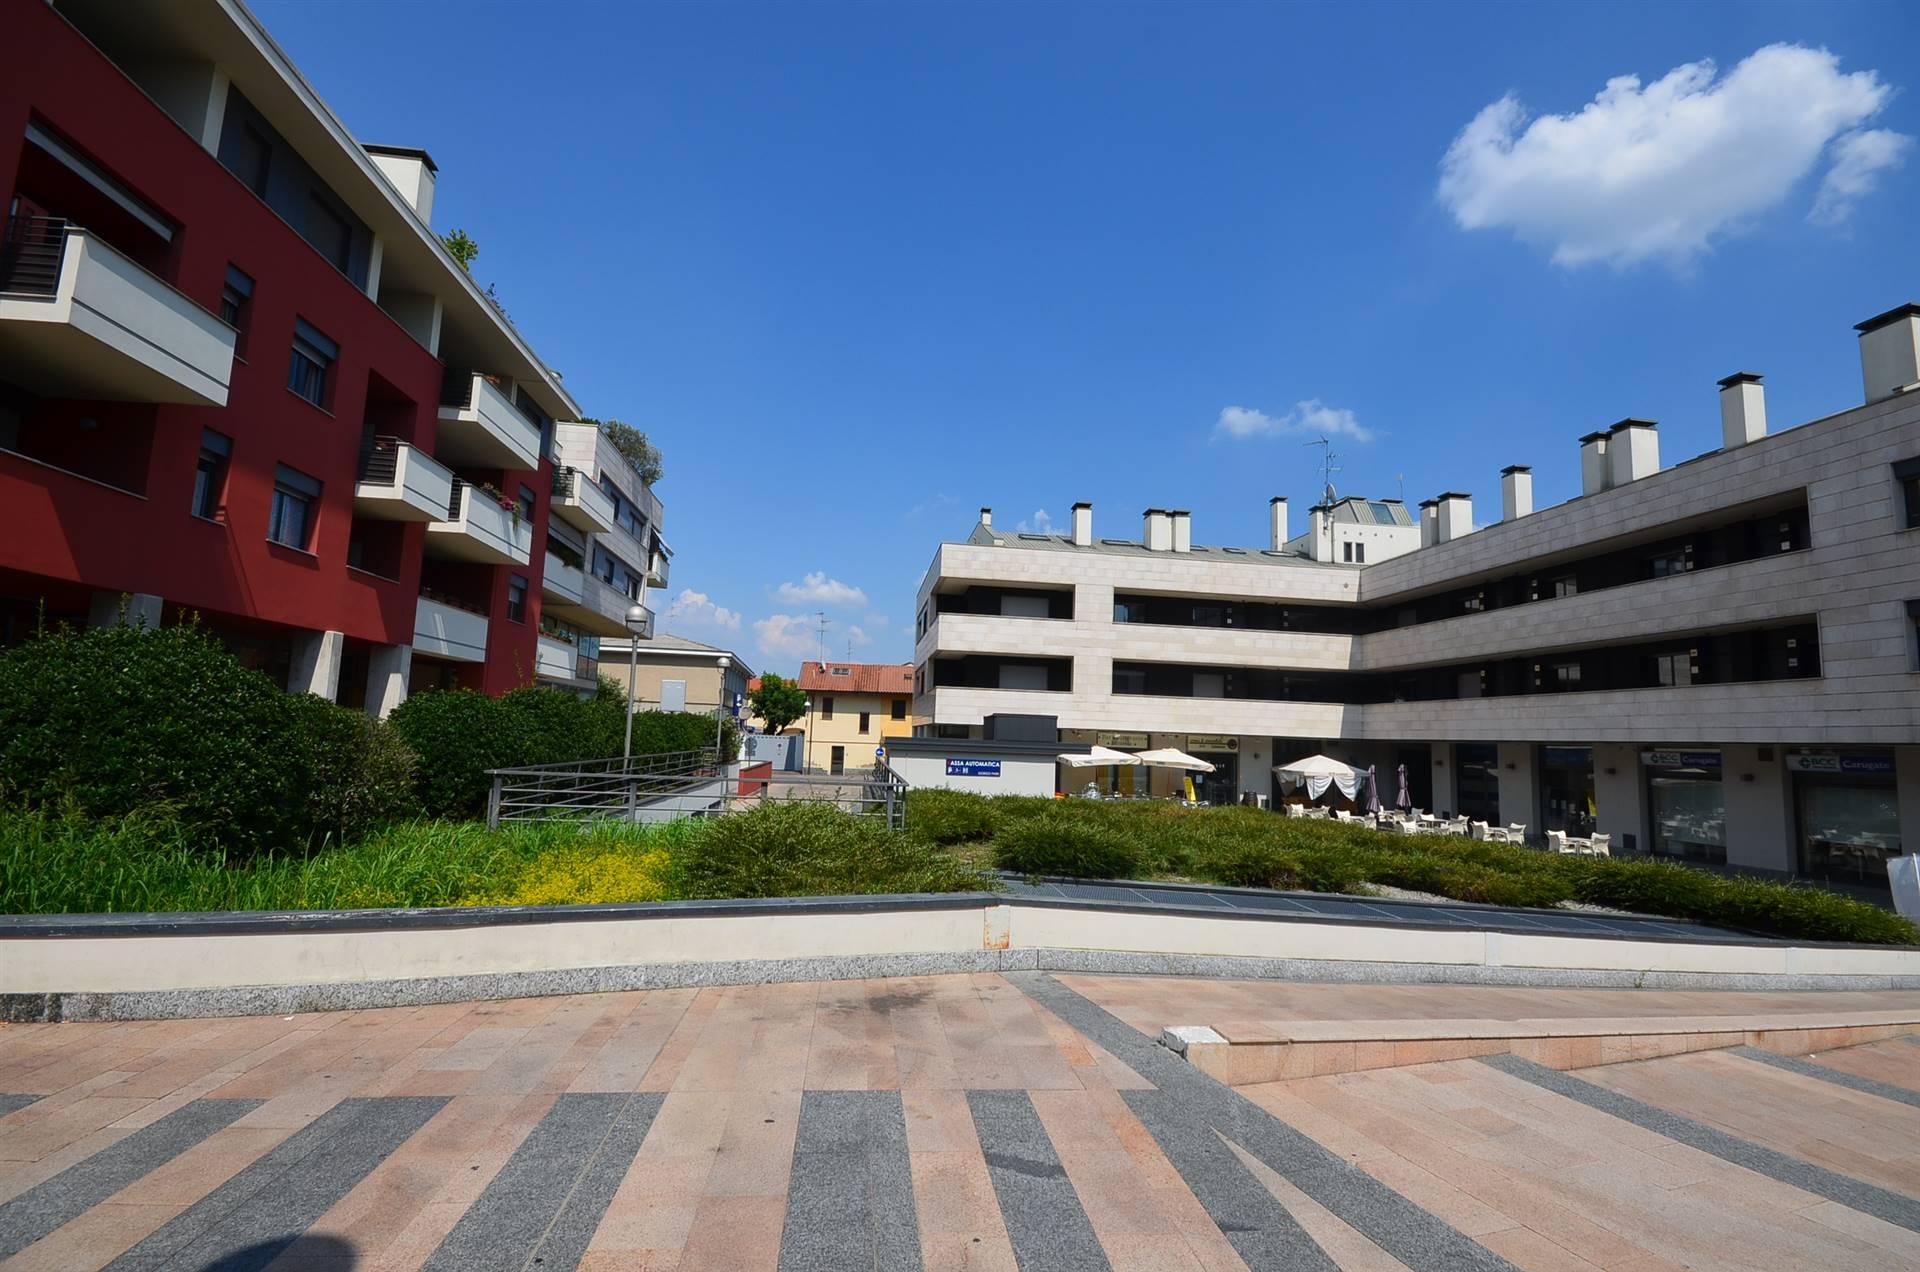 Ufficio / Studio in vendita a Gorgonzola, 9999 locali, prezzo € 200.000 | PortaleAgenzieImmobiliari.it